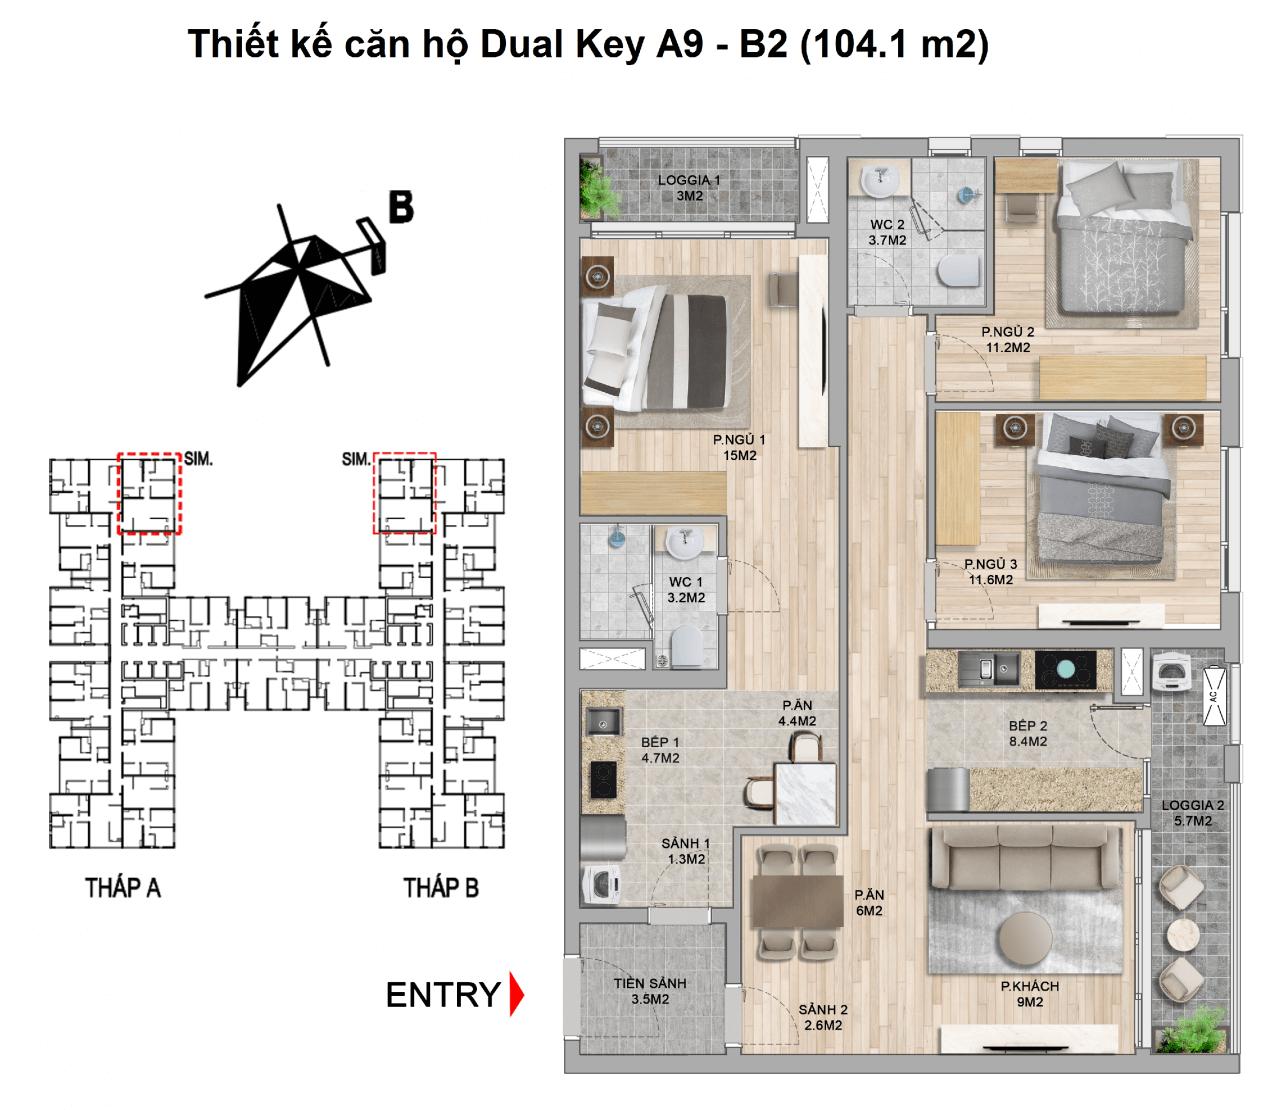 thiết kế căn hộ dual key the zei mỹ đình